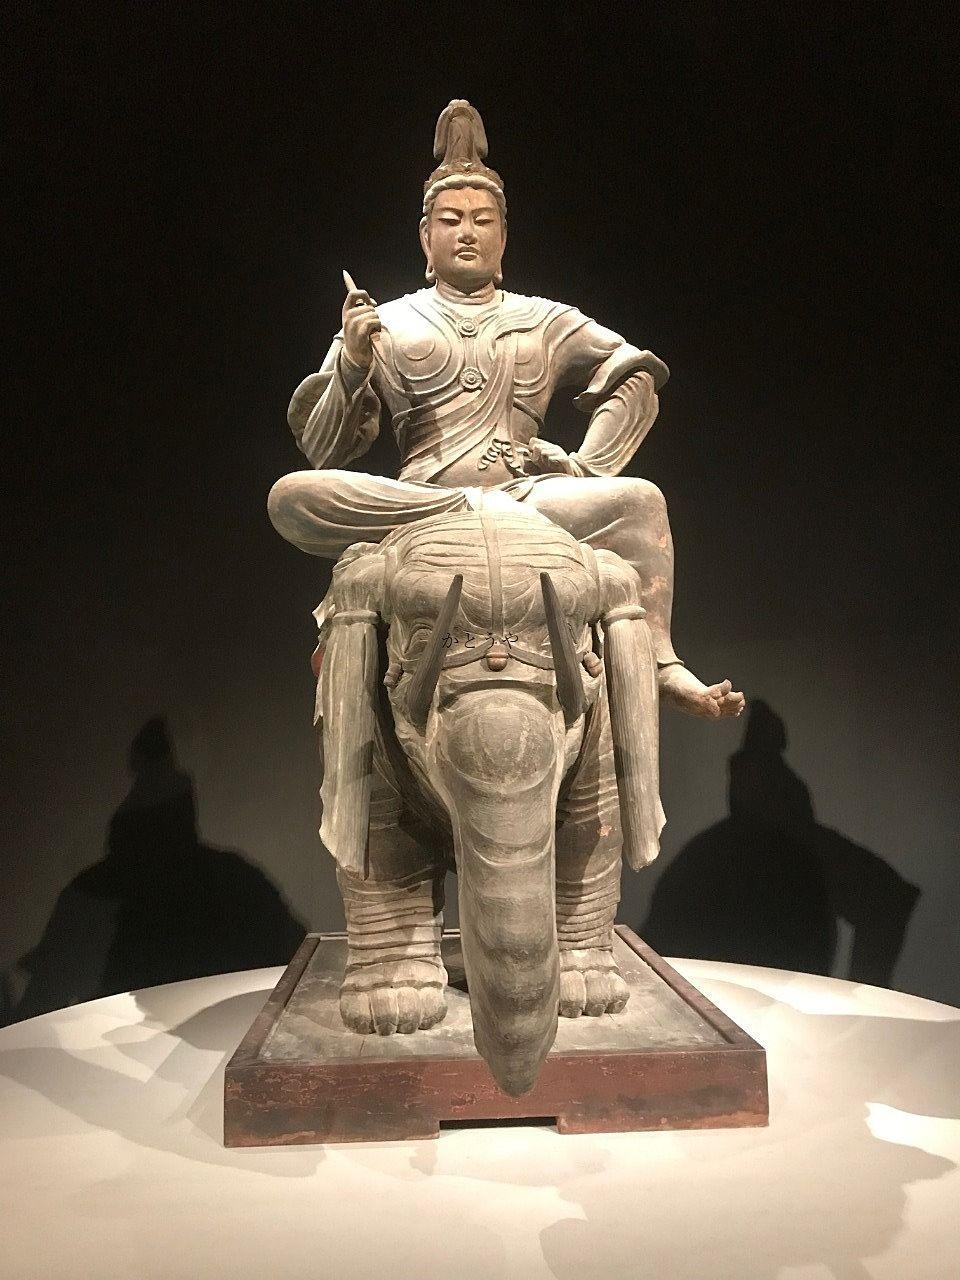 東寺の国宝である帝釈天騎象像です。こちらの仏像だけは写真撮影オッケーでした。